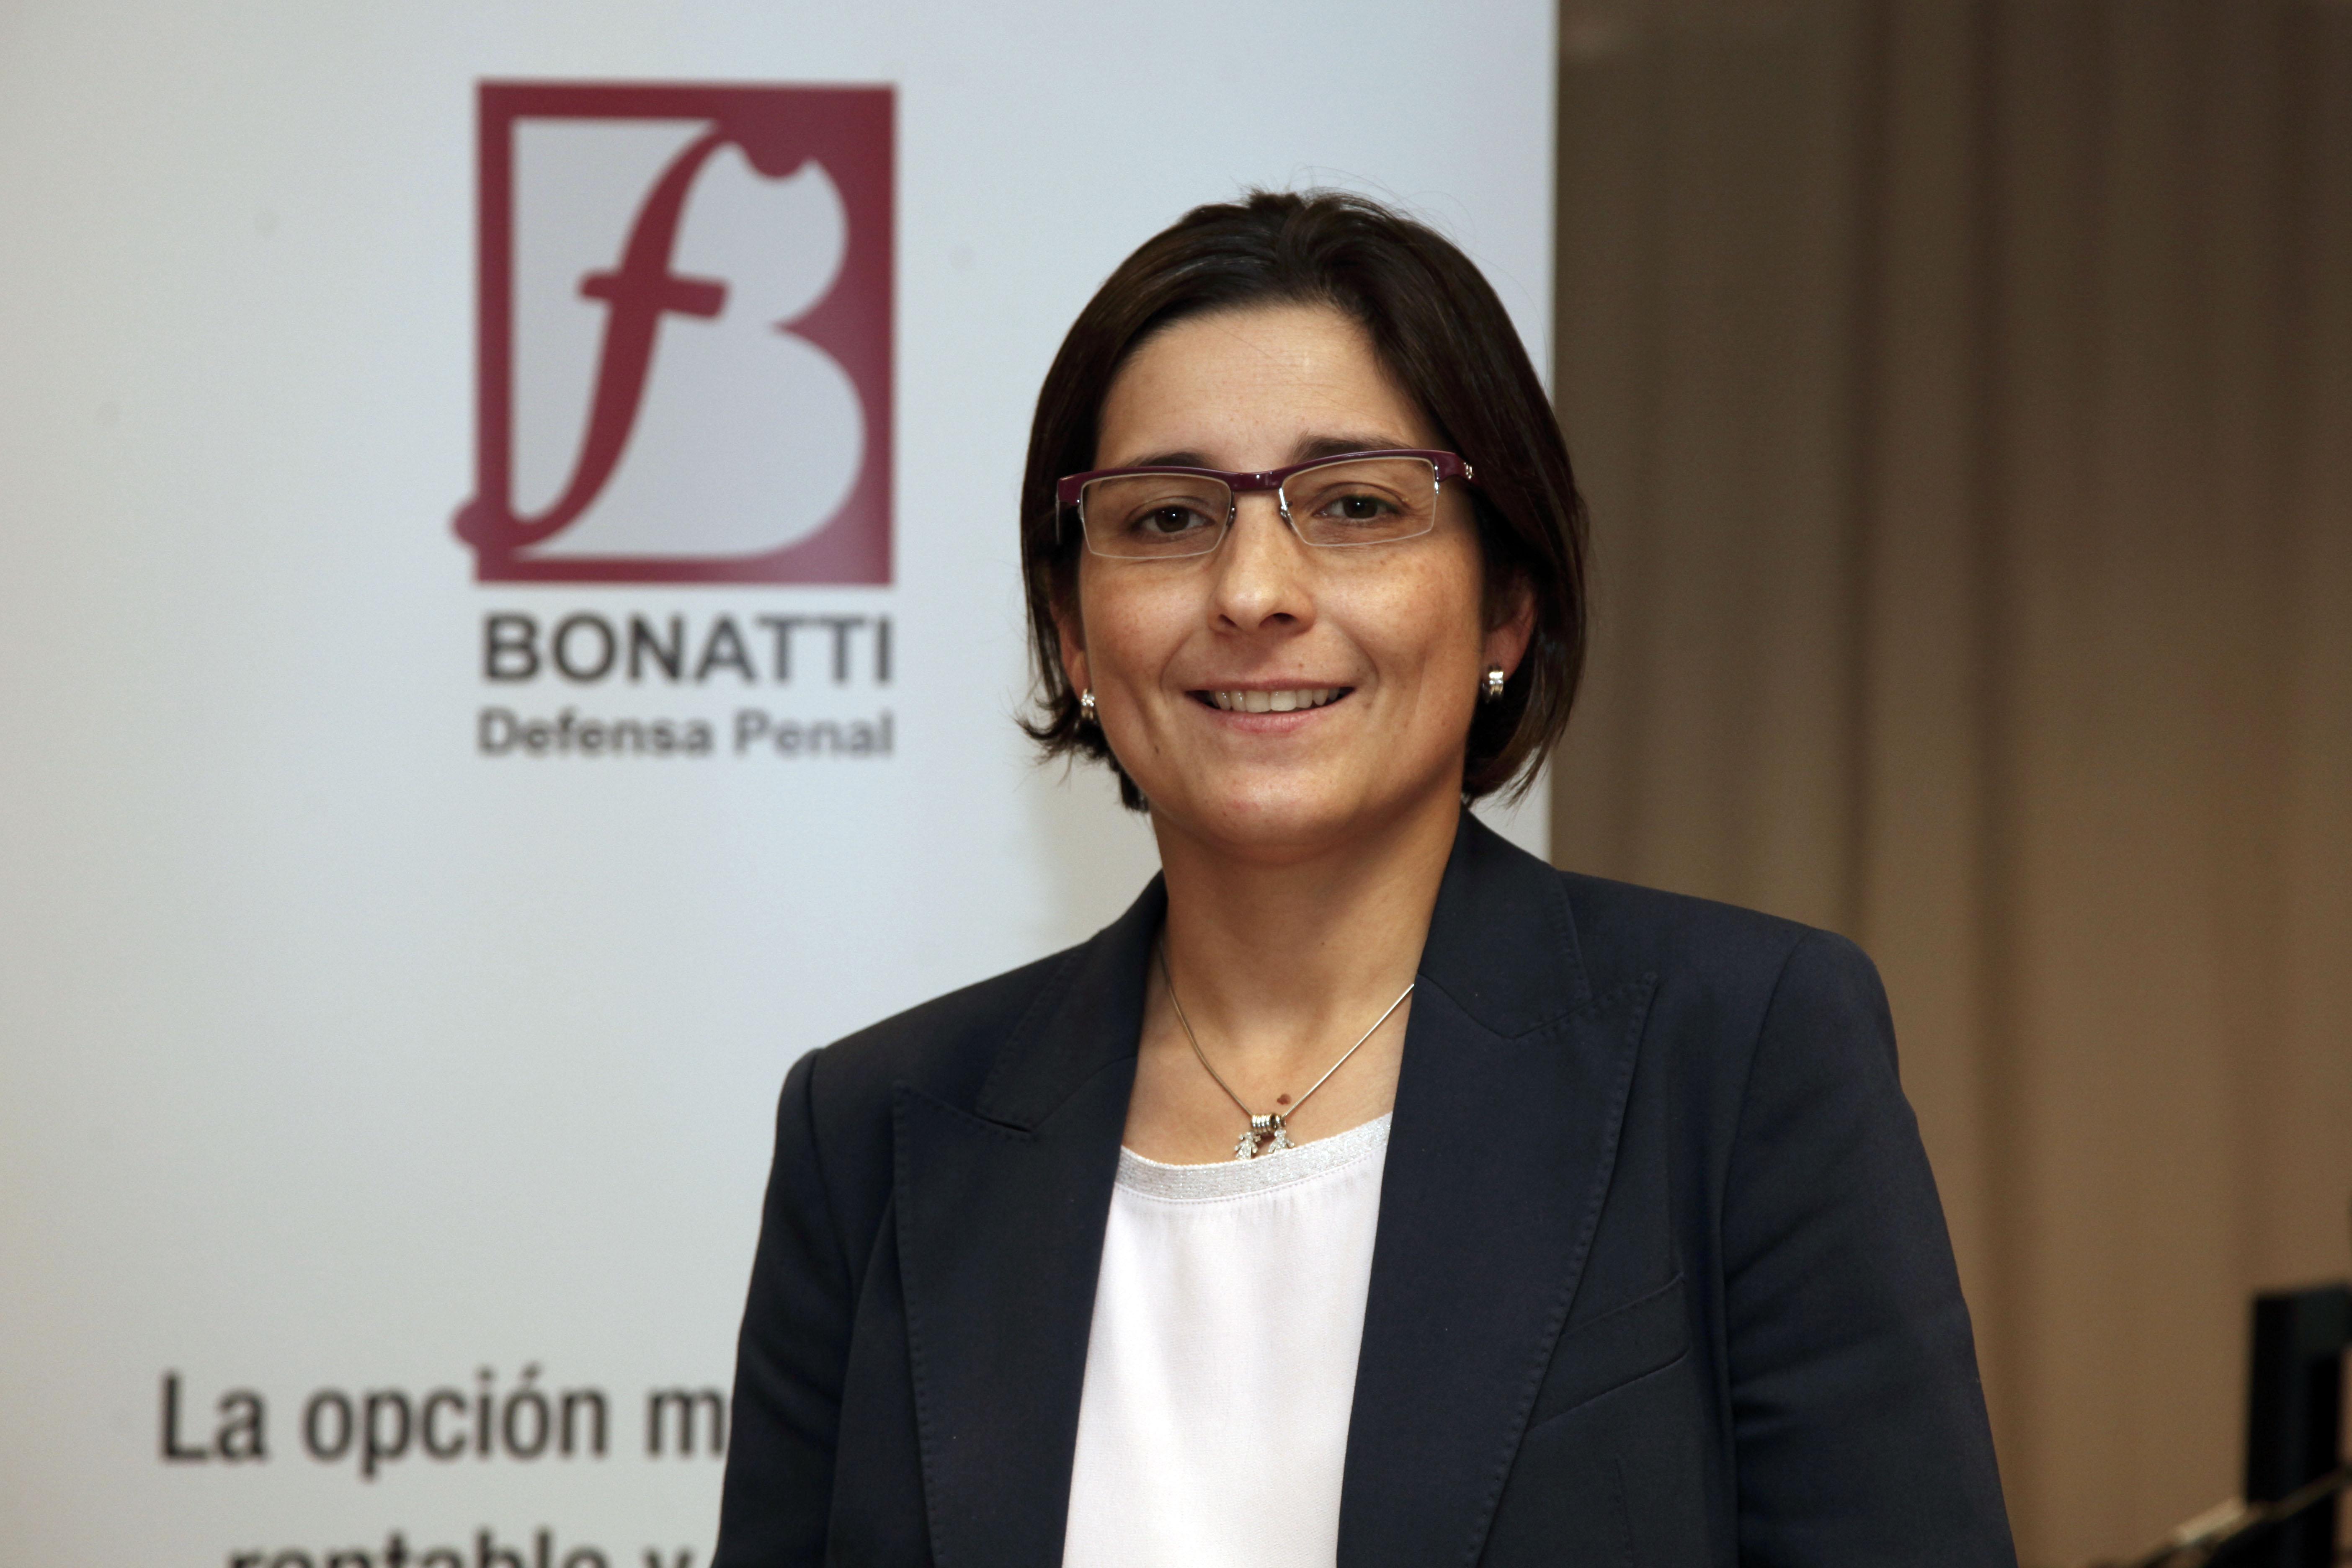 BONATTI DEFENSA PENAL se incorpora al PROGRAMA 360º COMPETITIVITAT de ACC1Ó en una experiencia pionera en el sector de los servicios jurídicos